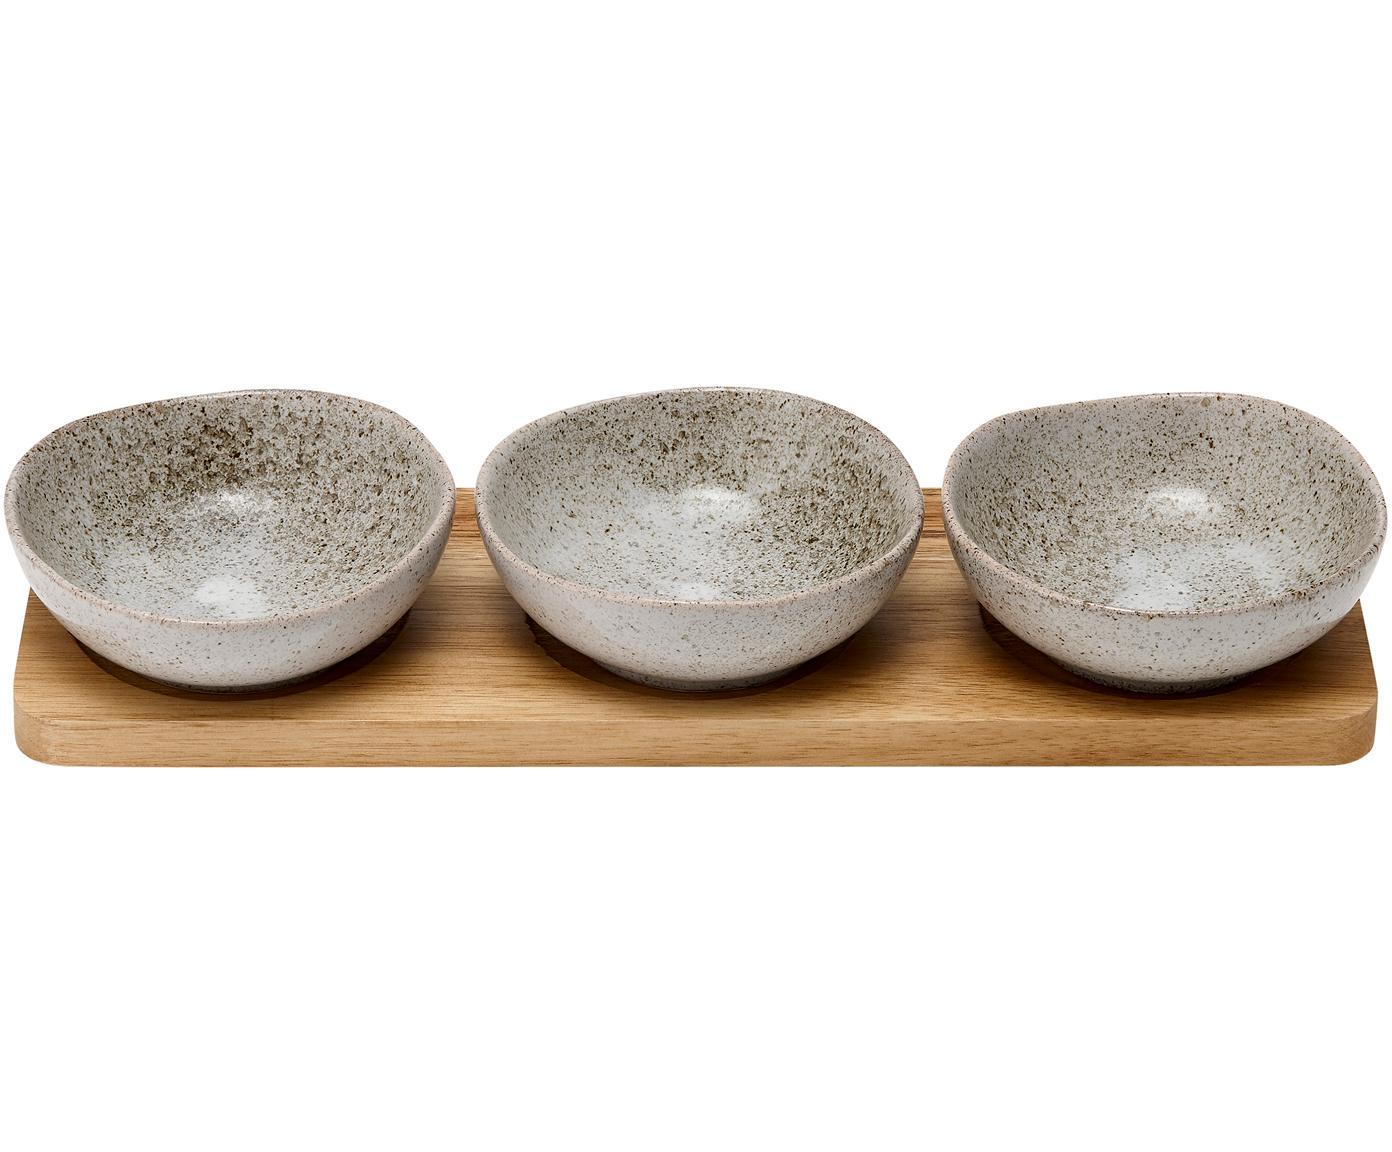 Schälchen Artisan aus Porzellan und Akazienholz, 4er-Set, Schälchen: Porzellan, Tablett: Akazienholz, Grau, Akazienholz, Sondergrößen